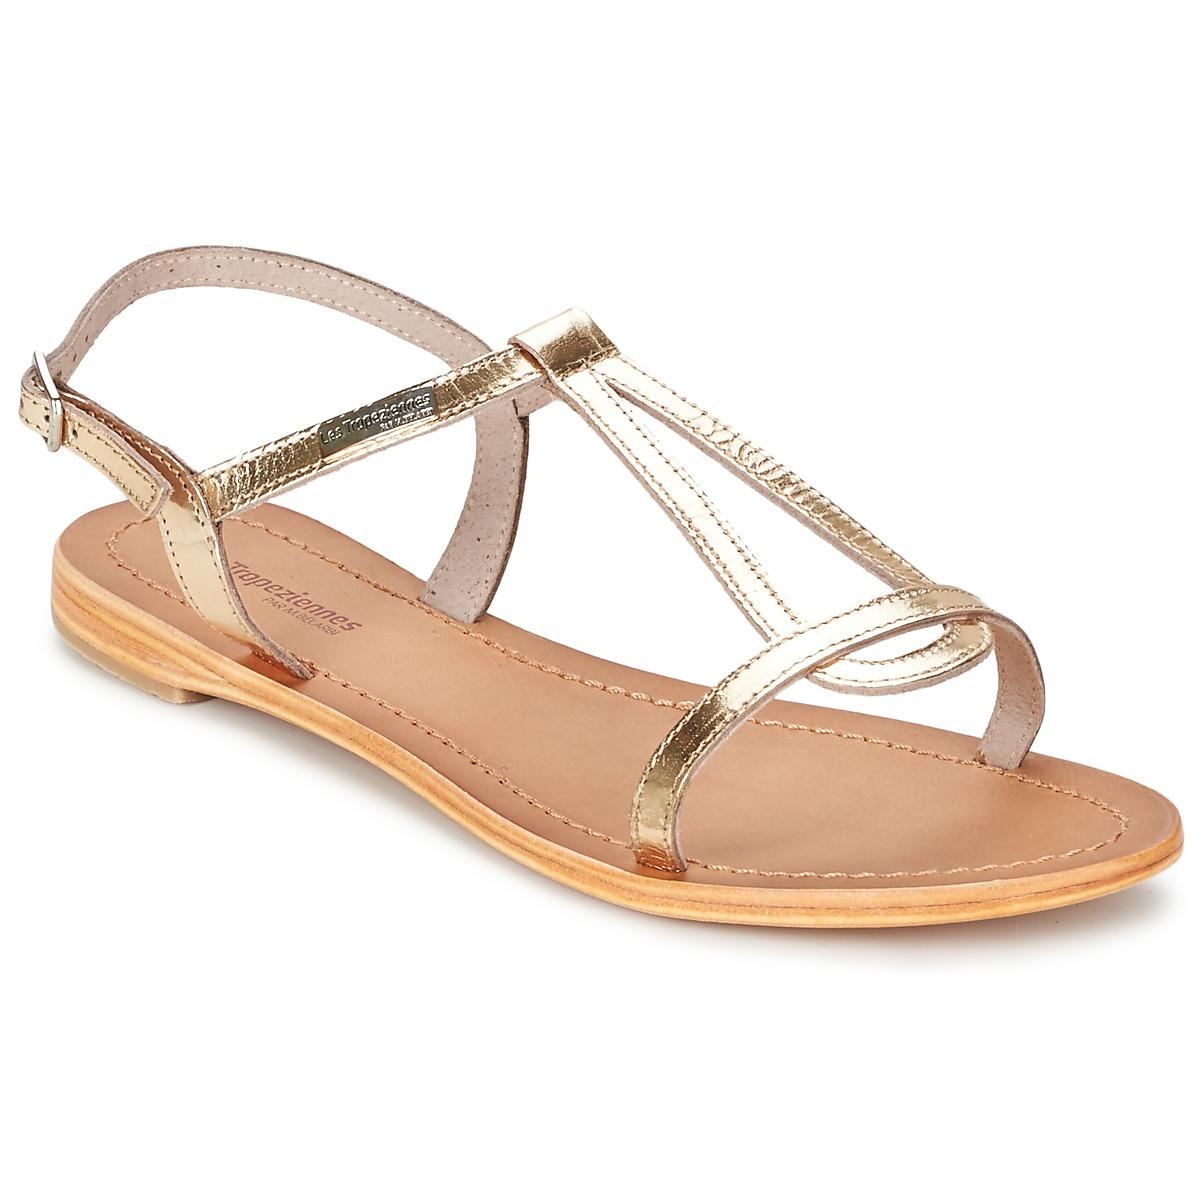 sandals les trop ziennes par m belarbi hamess gold free delivery with spartoo uk shoes. Black Bedroom Furniture Sets. Home Design Ideas